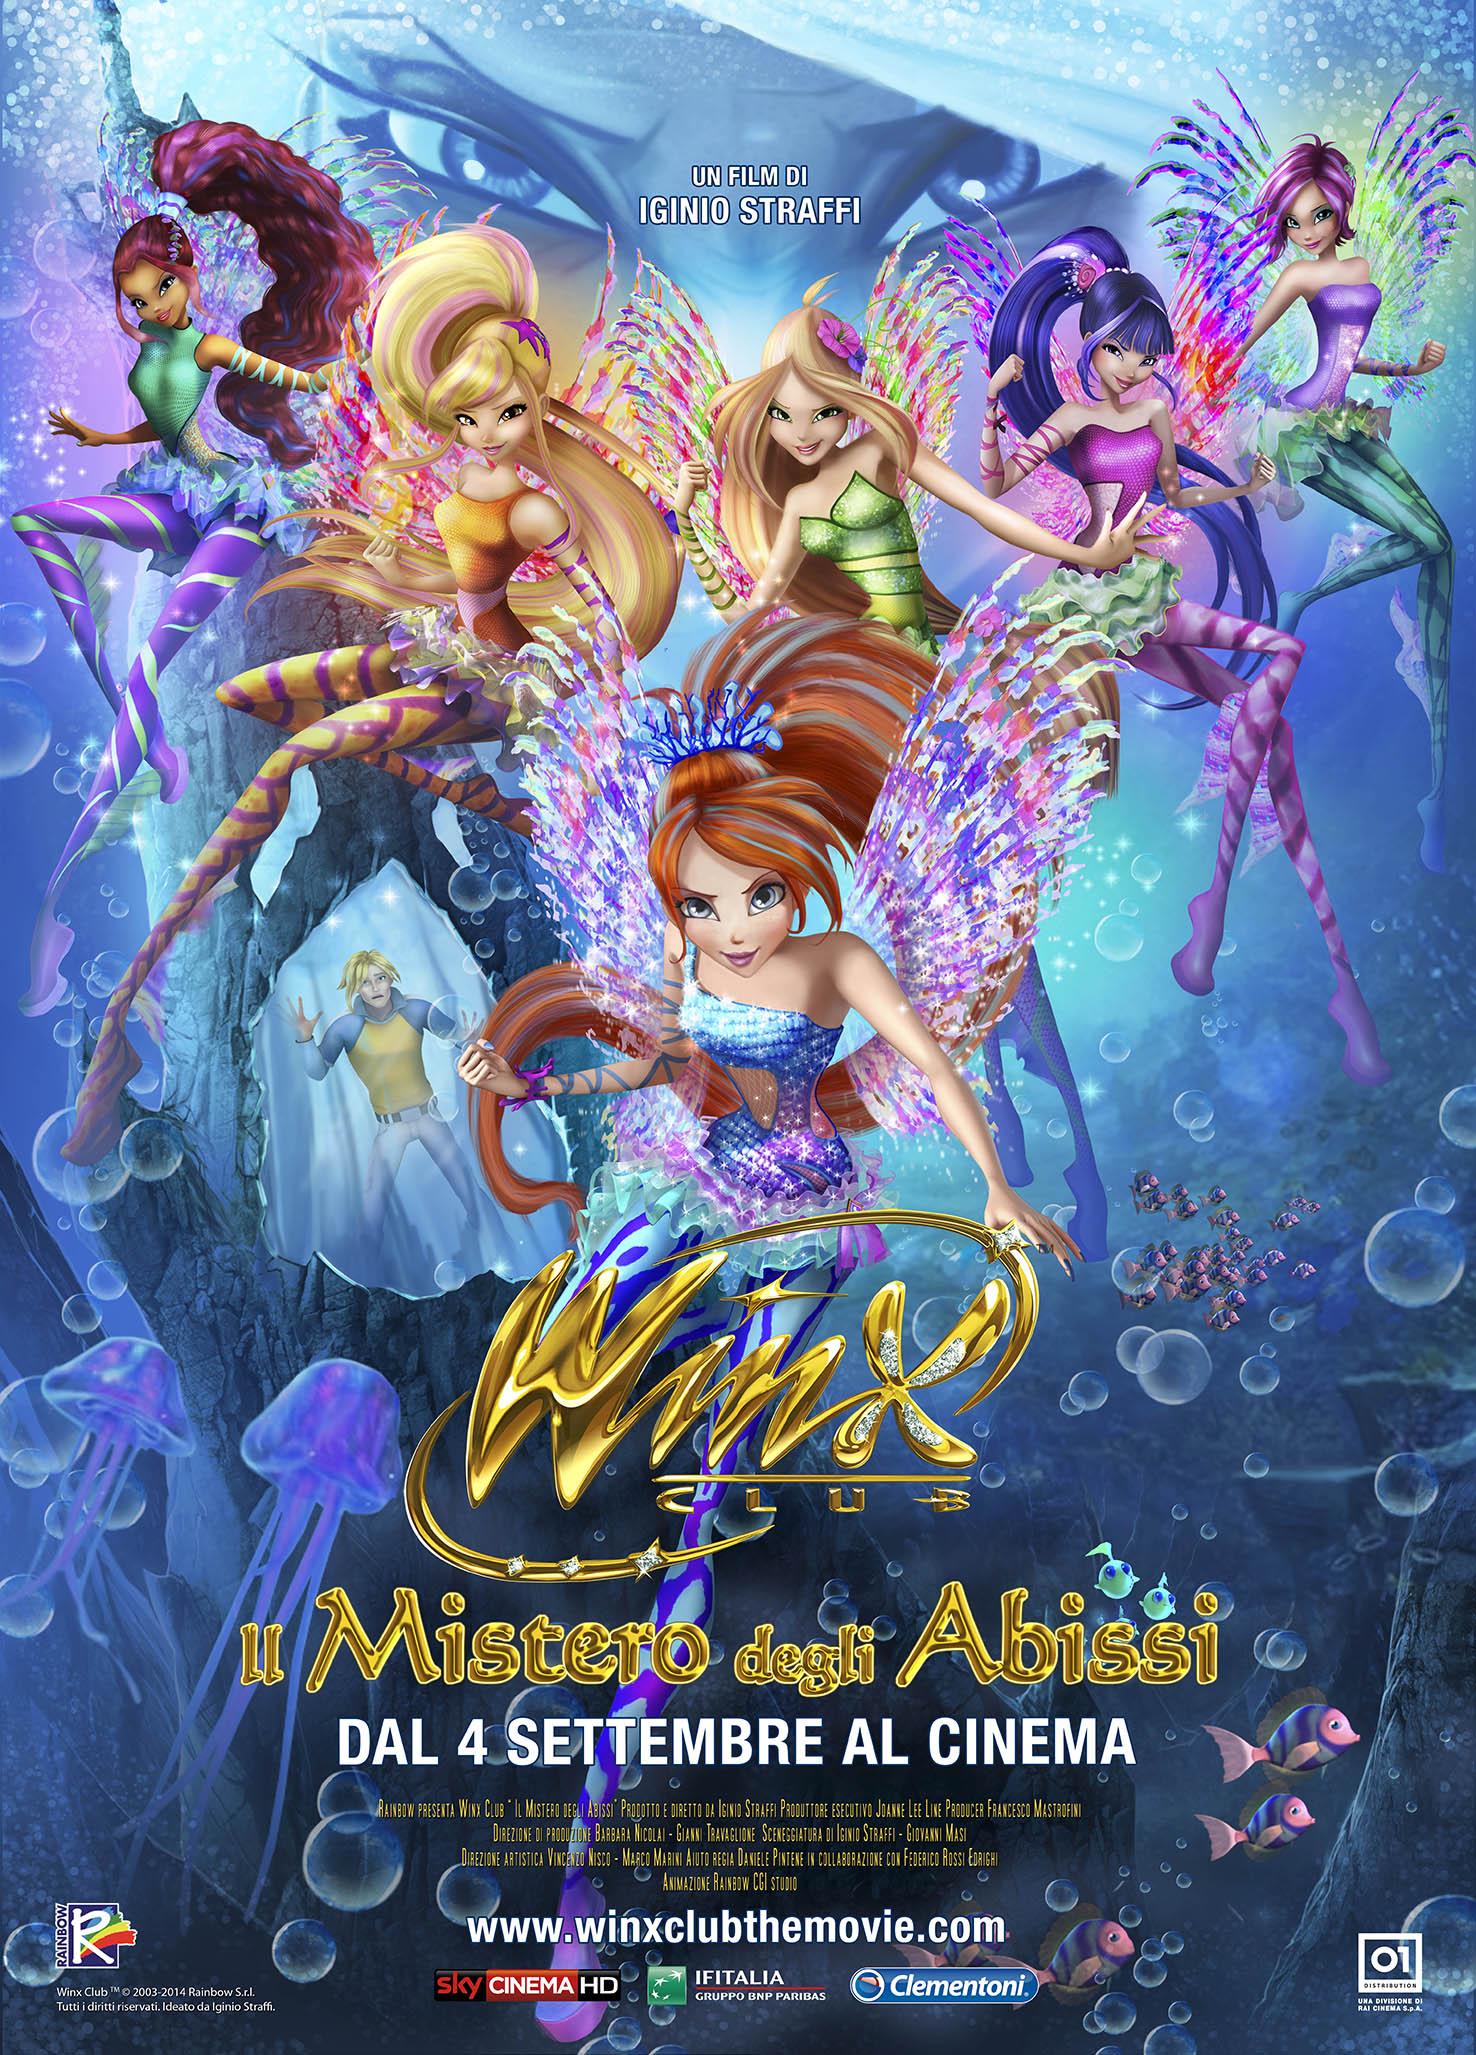 Locandina italiana di Winx Club - Il mistero degli abissi